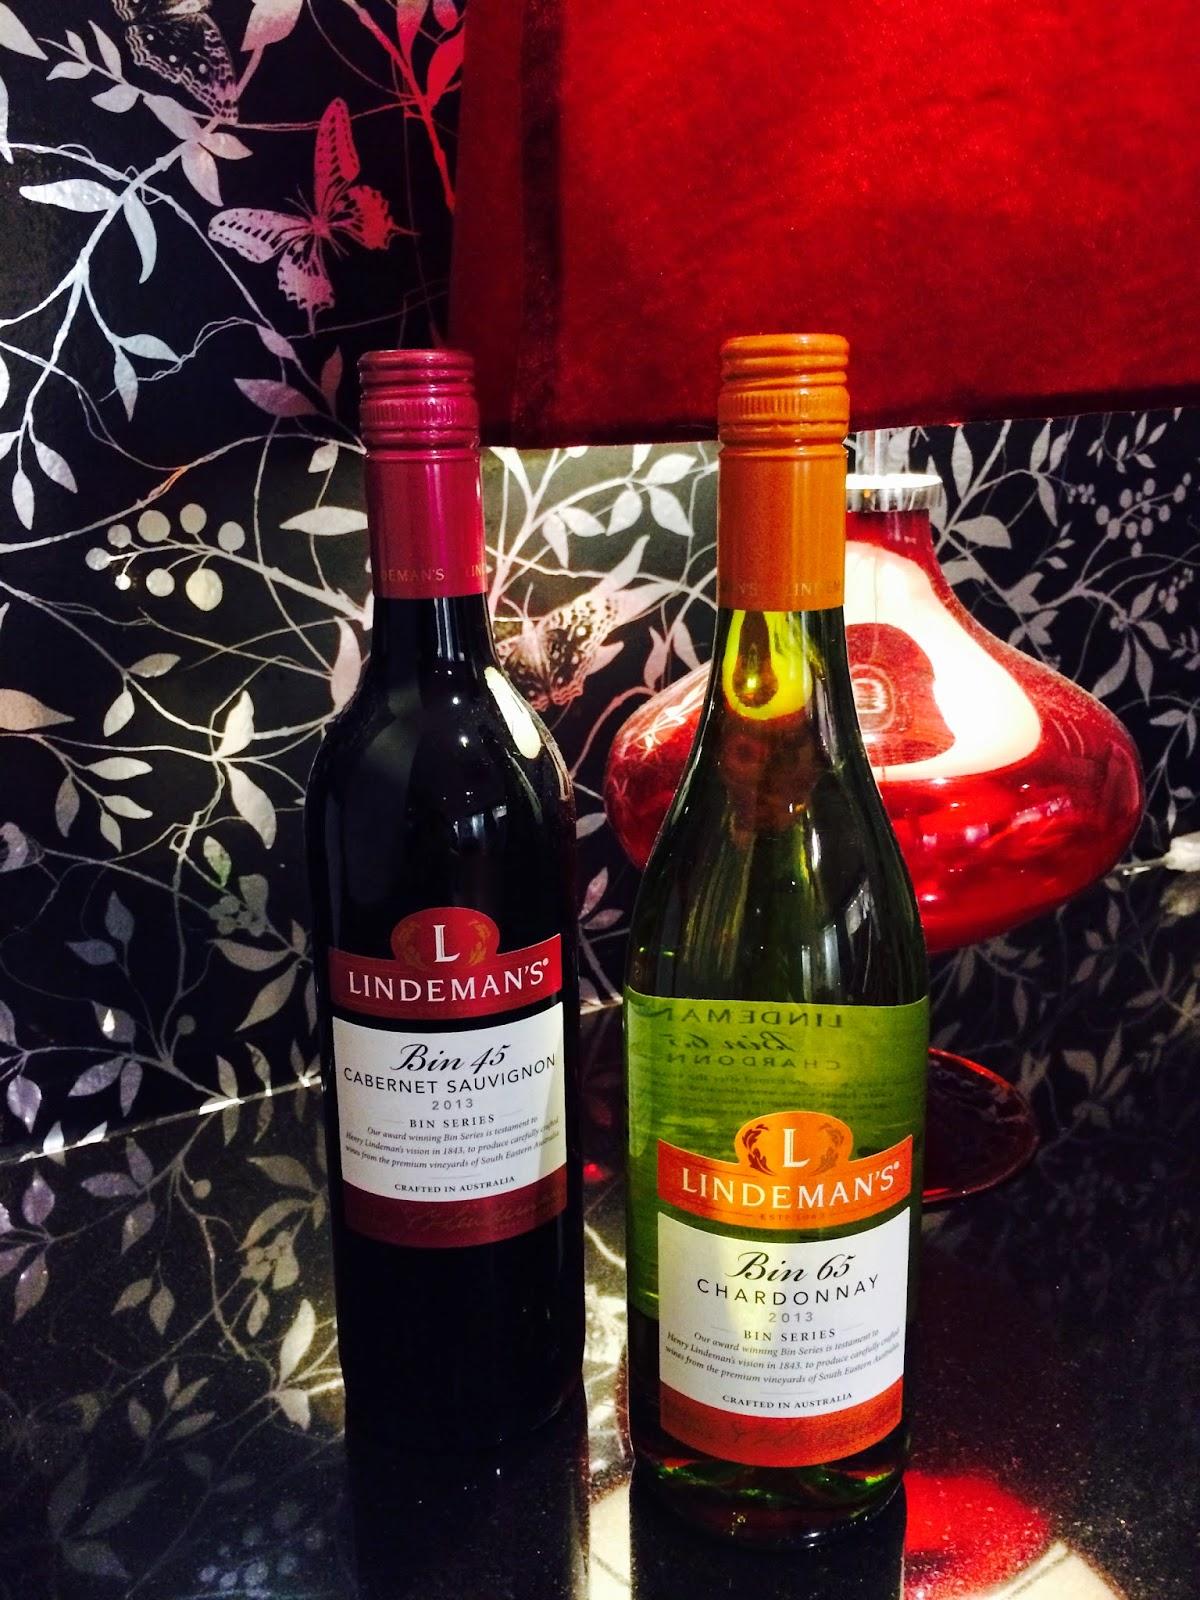 Lindeman's wines